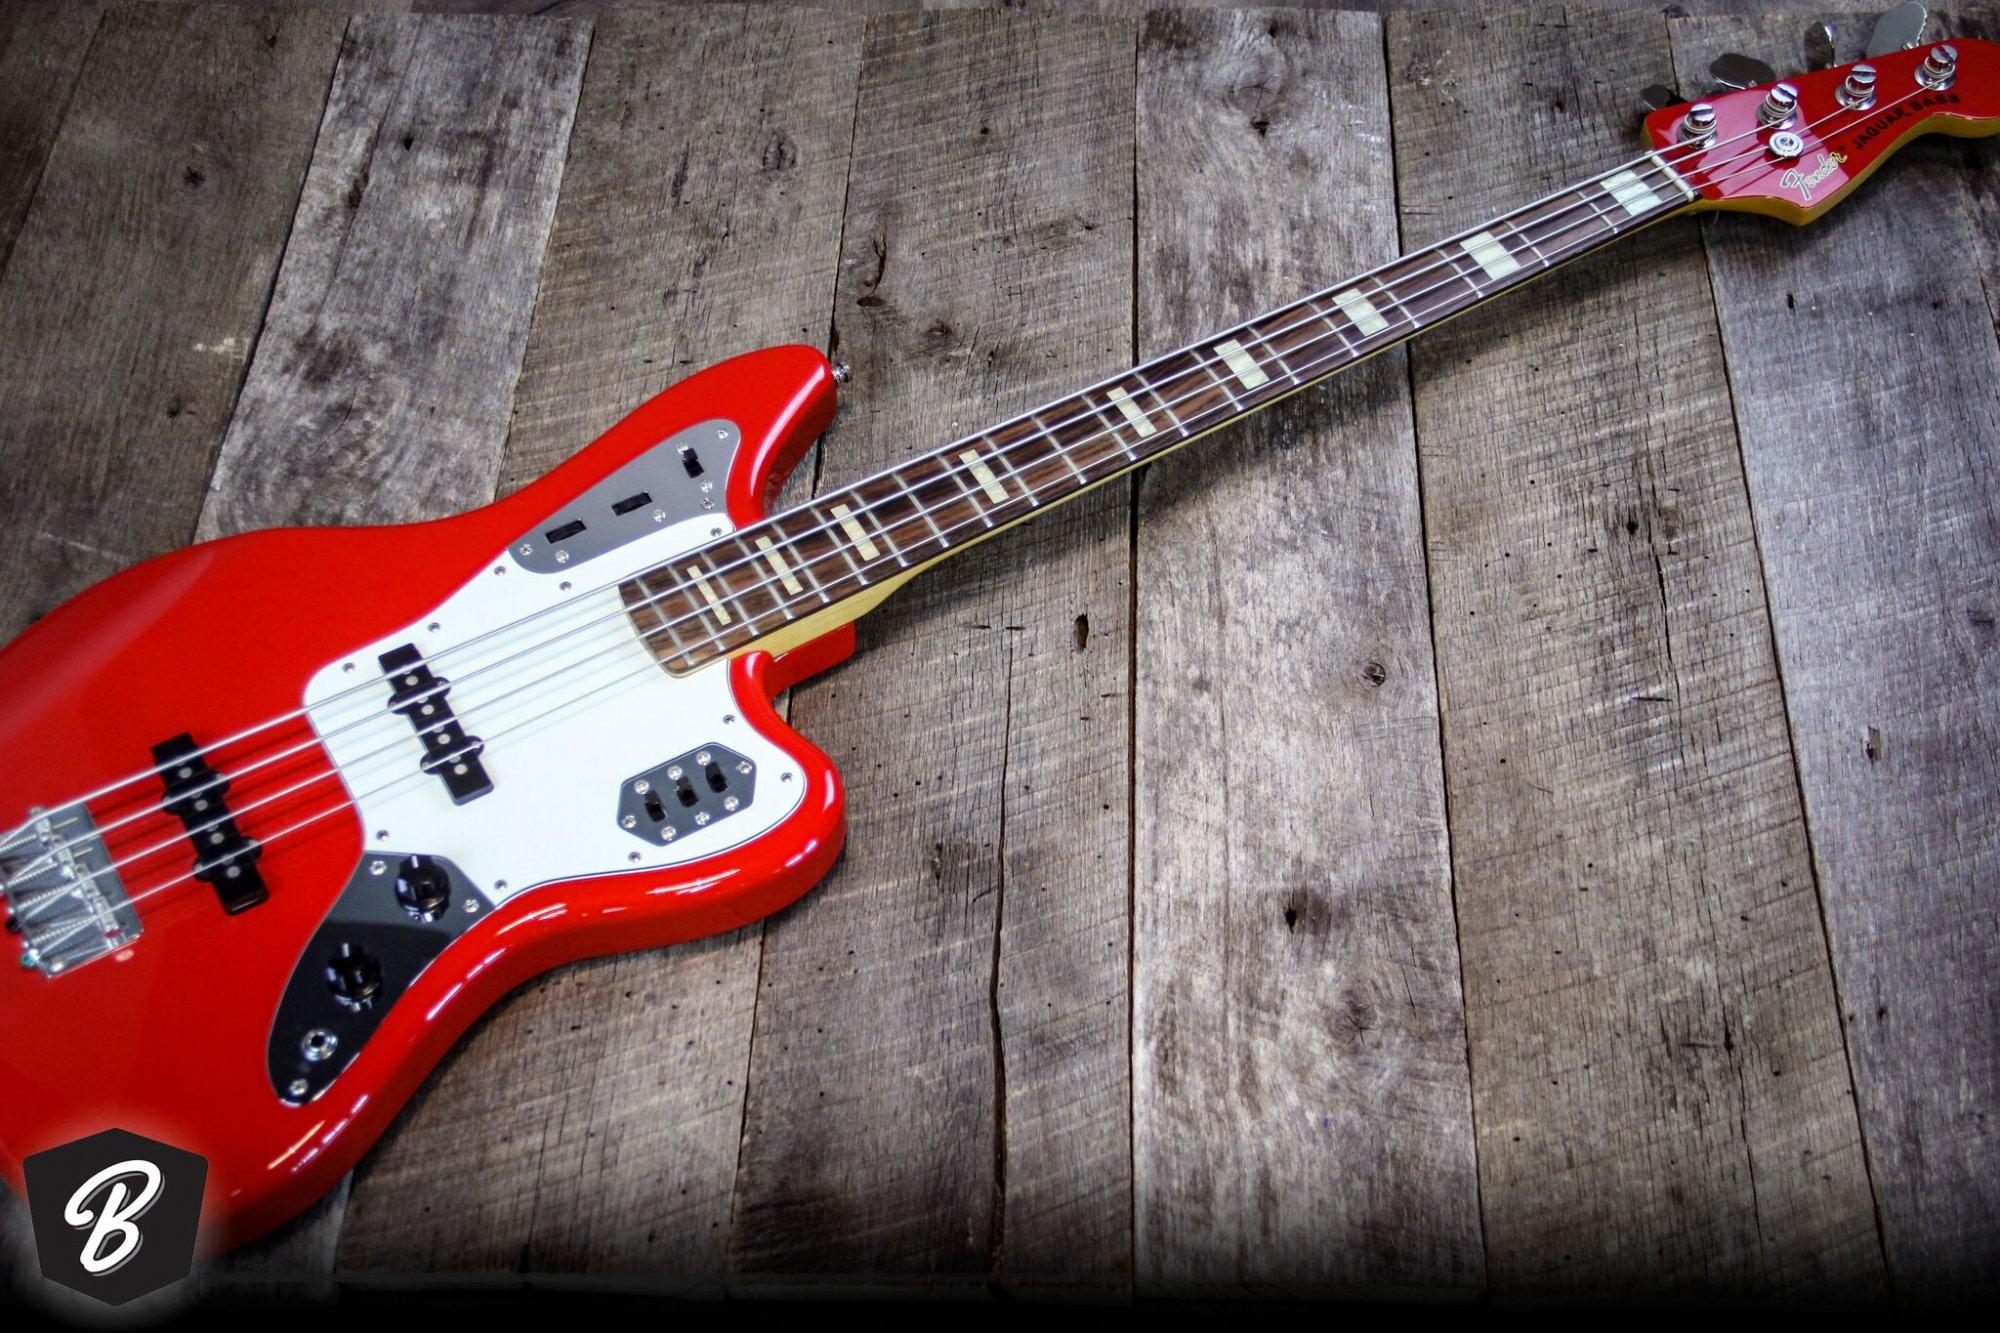 Fender Jaguar Bass Guitar